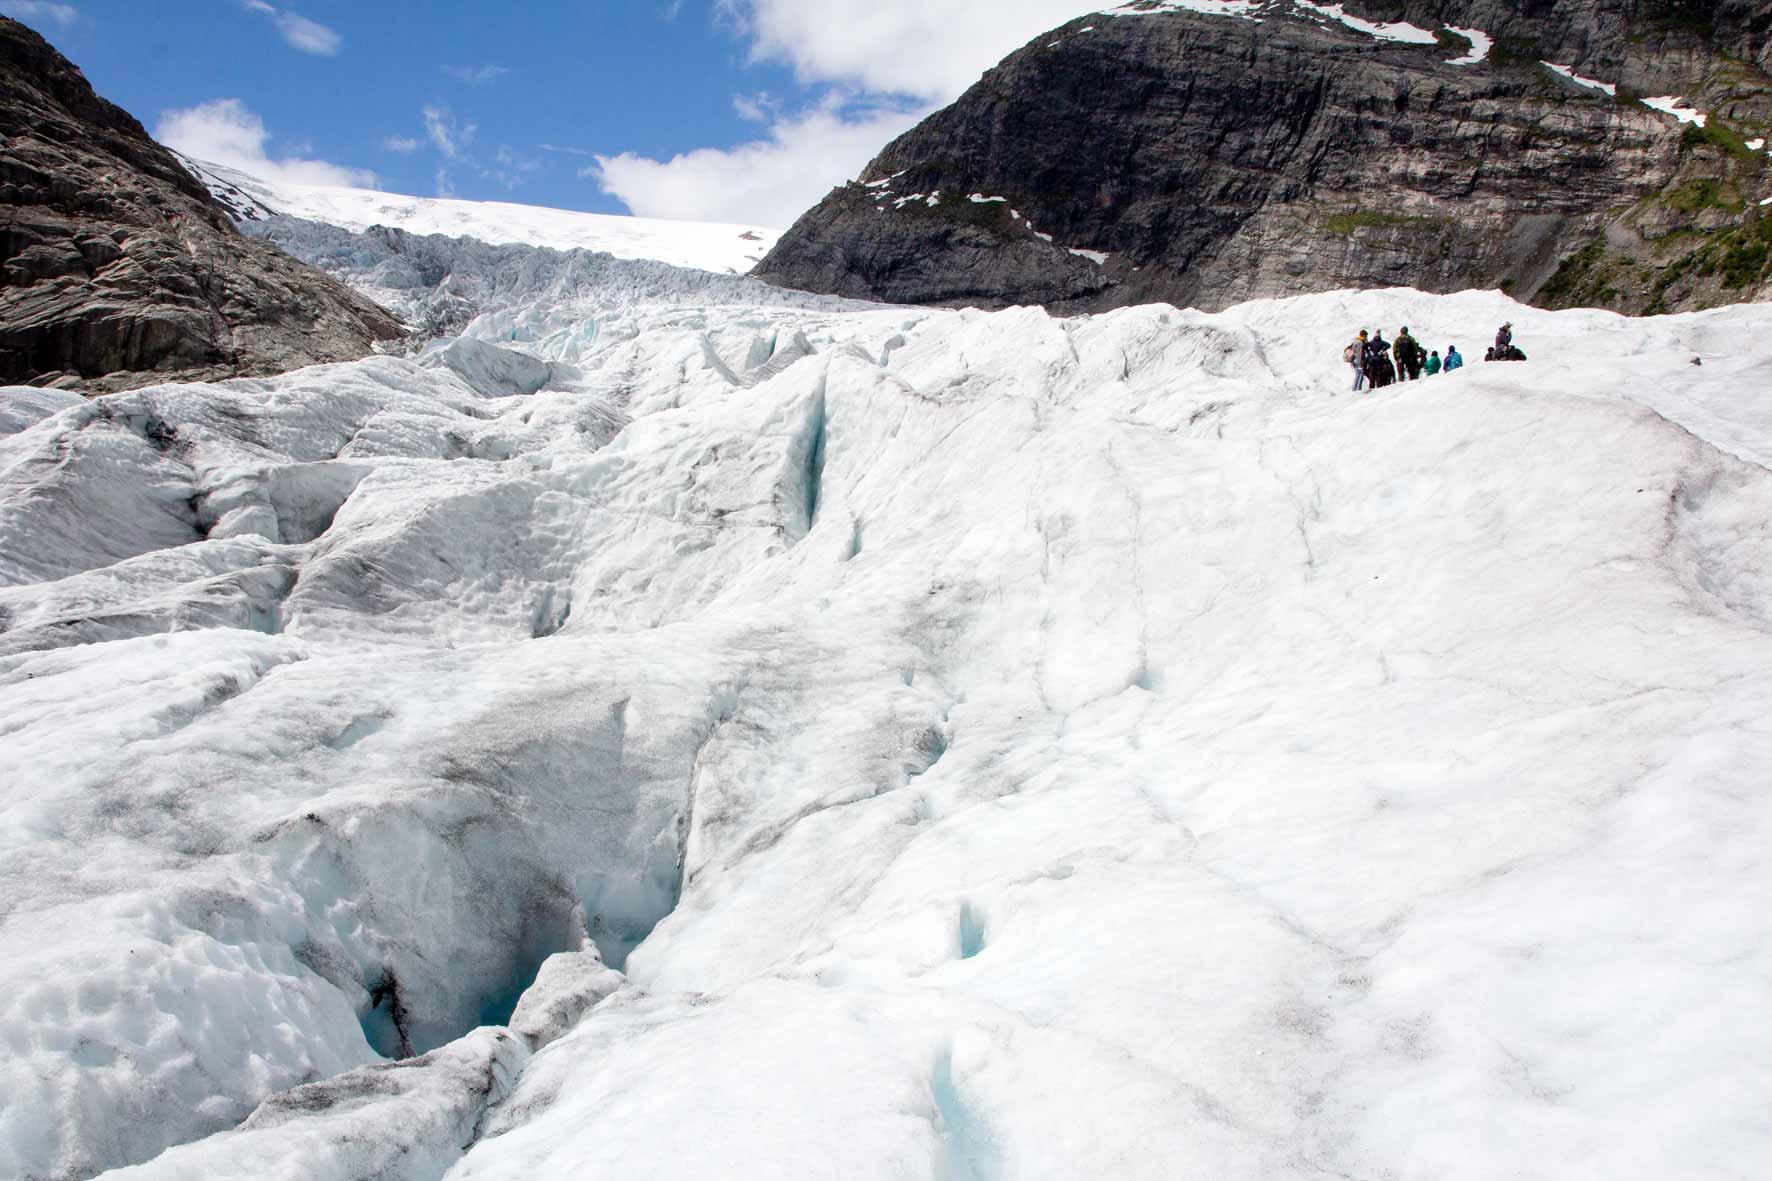 Rast Gletscher Nigarsdbreen